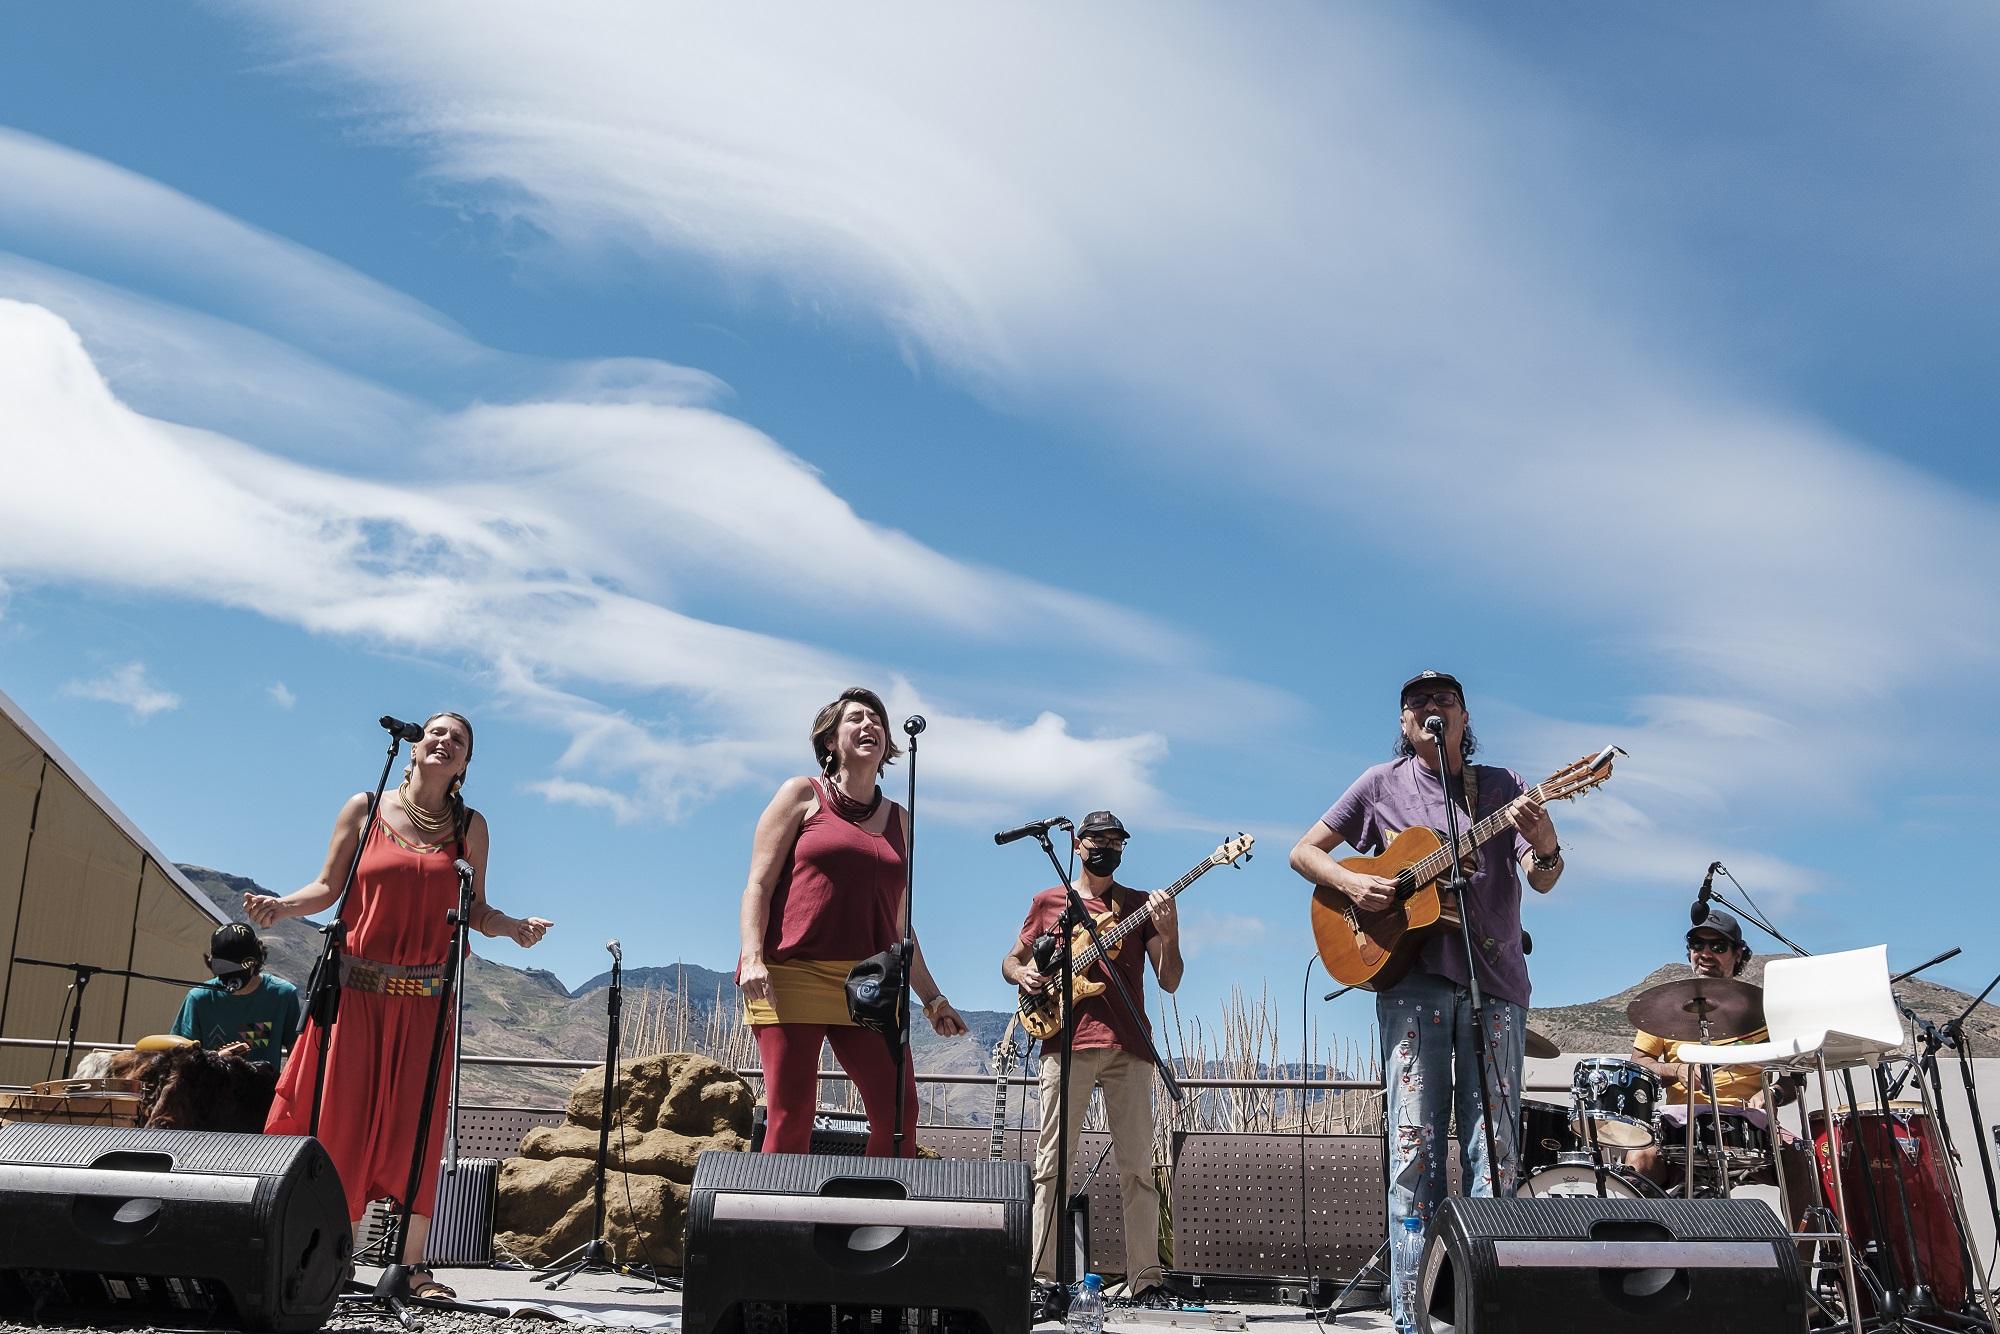 El grupo Jarea y Arístides Moreno ofrecen un concierto familiar con temas originales compuestos para Cueva Pintada